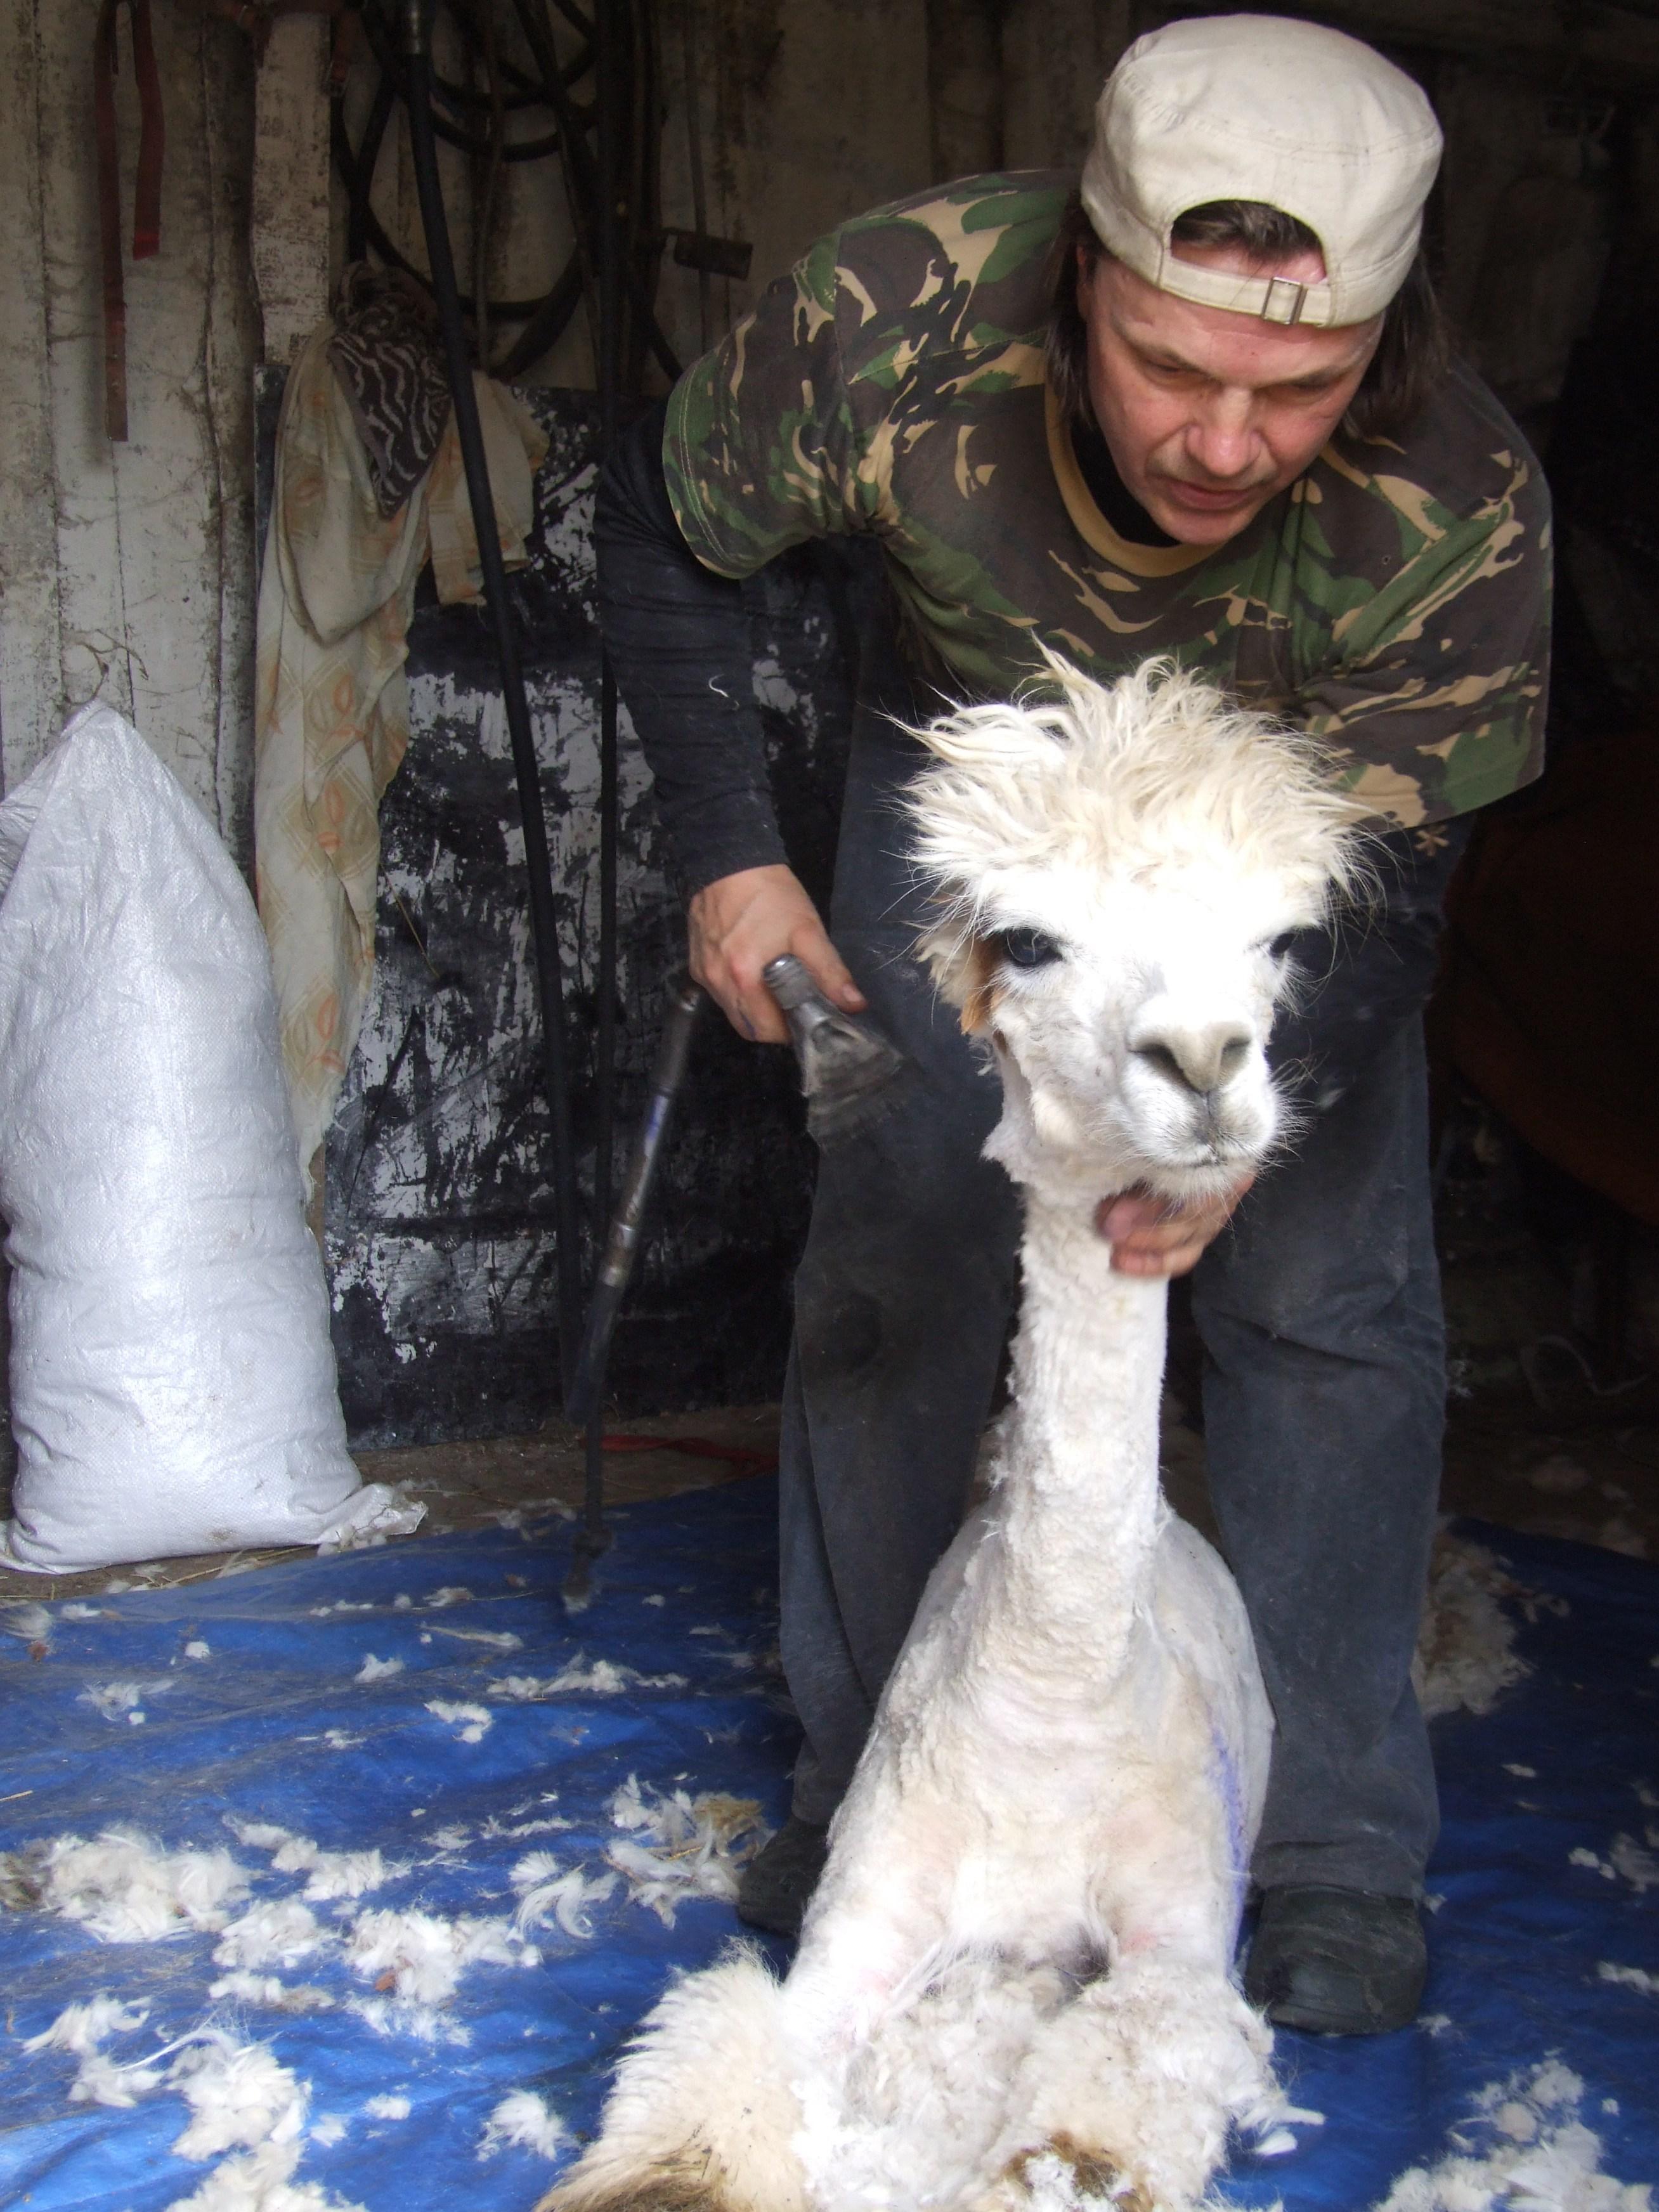 Iesildam roku ar alpaku cirpšanu.